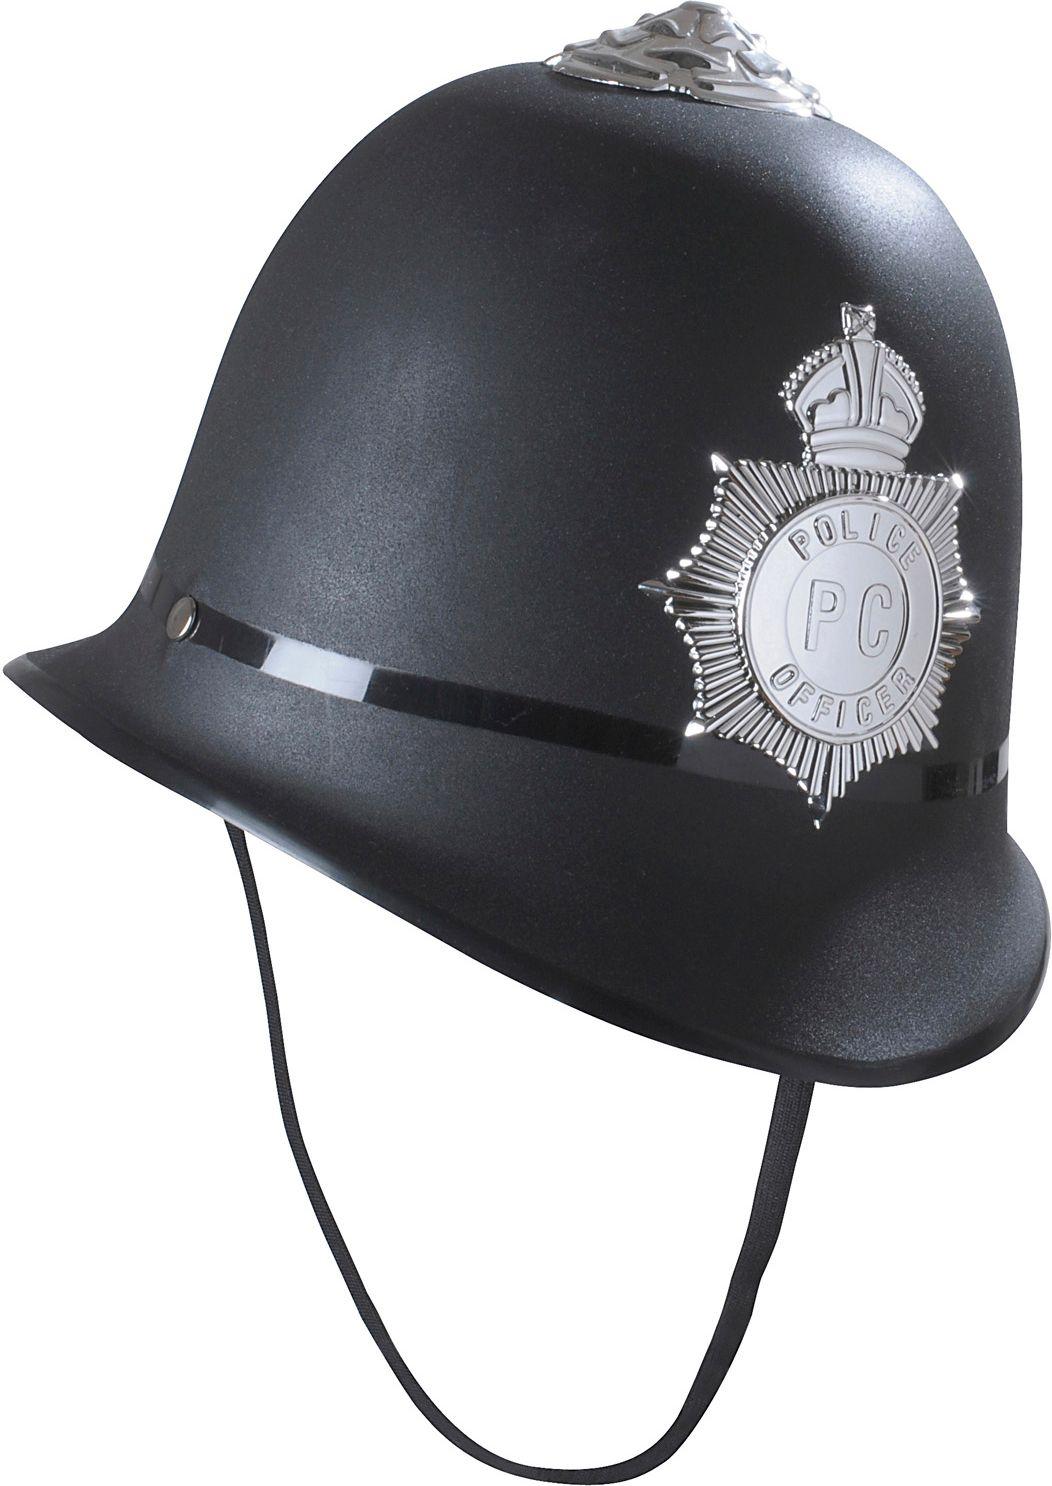 Zwarte politie helm